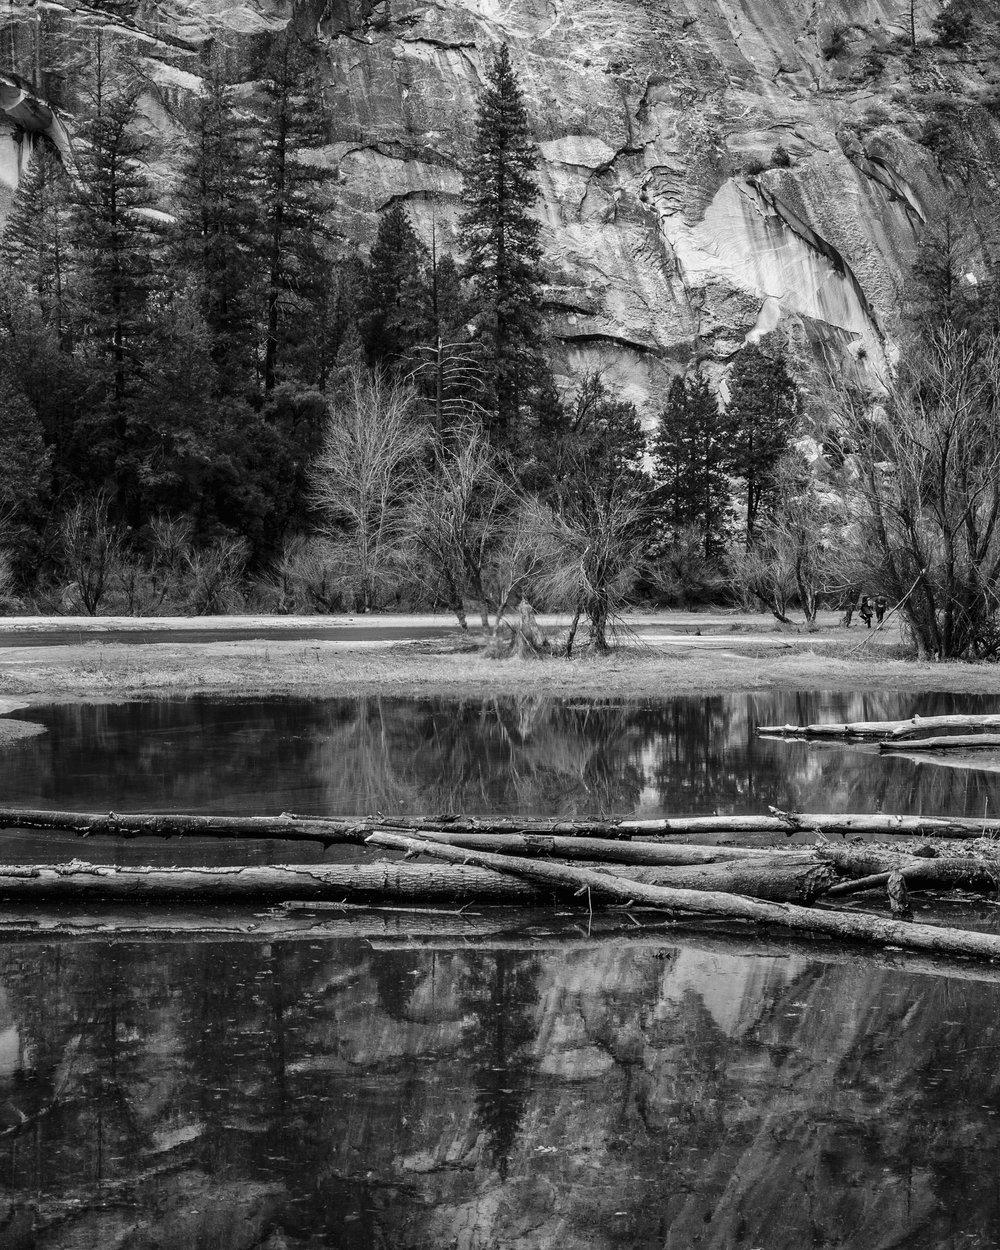 2017_SB_Yosemite_14BW.jpg